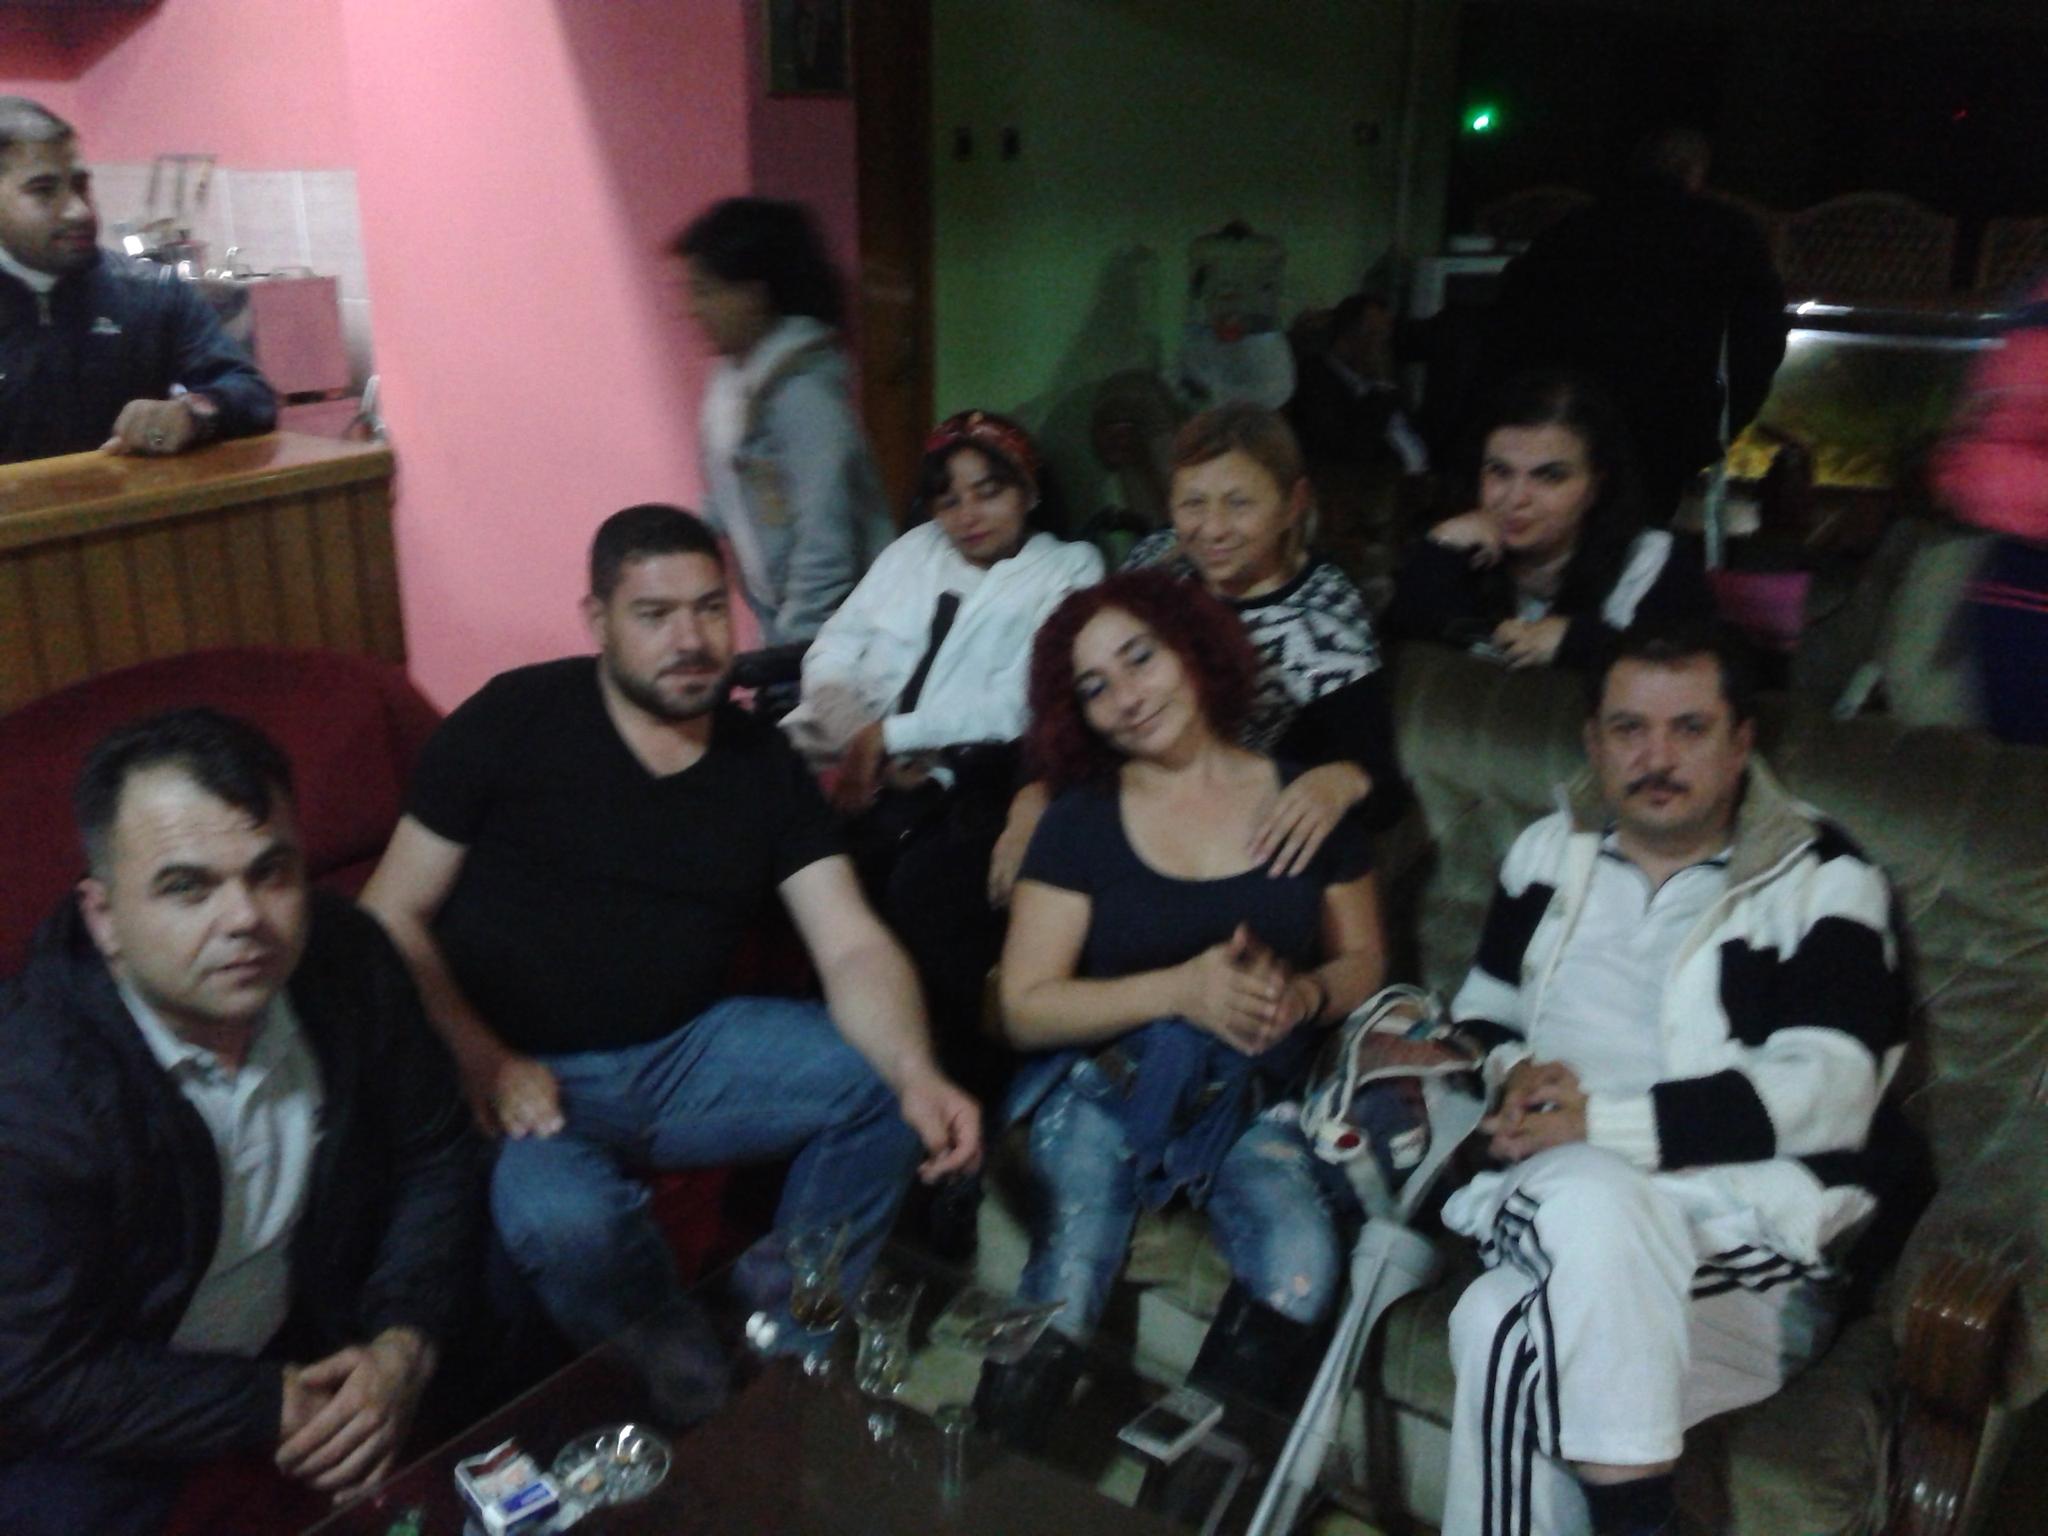 ynZBbN - [Üye buluşması] İzmir Ödemiş'de buluşturuyoruz | 31 Ekim - 2 Kasım 2014